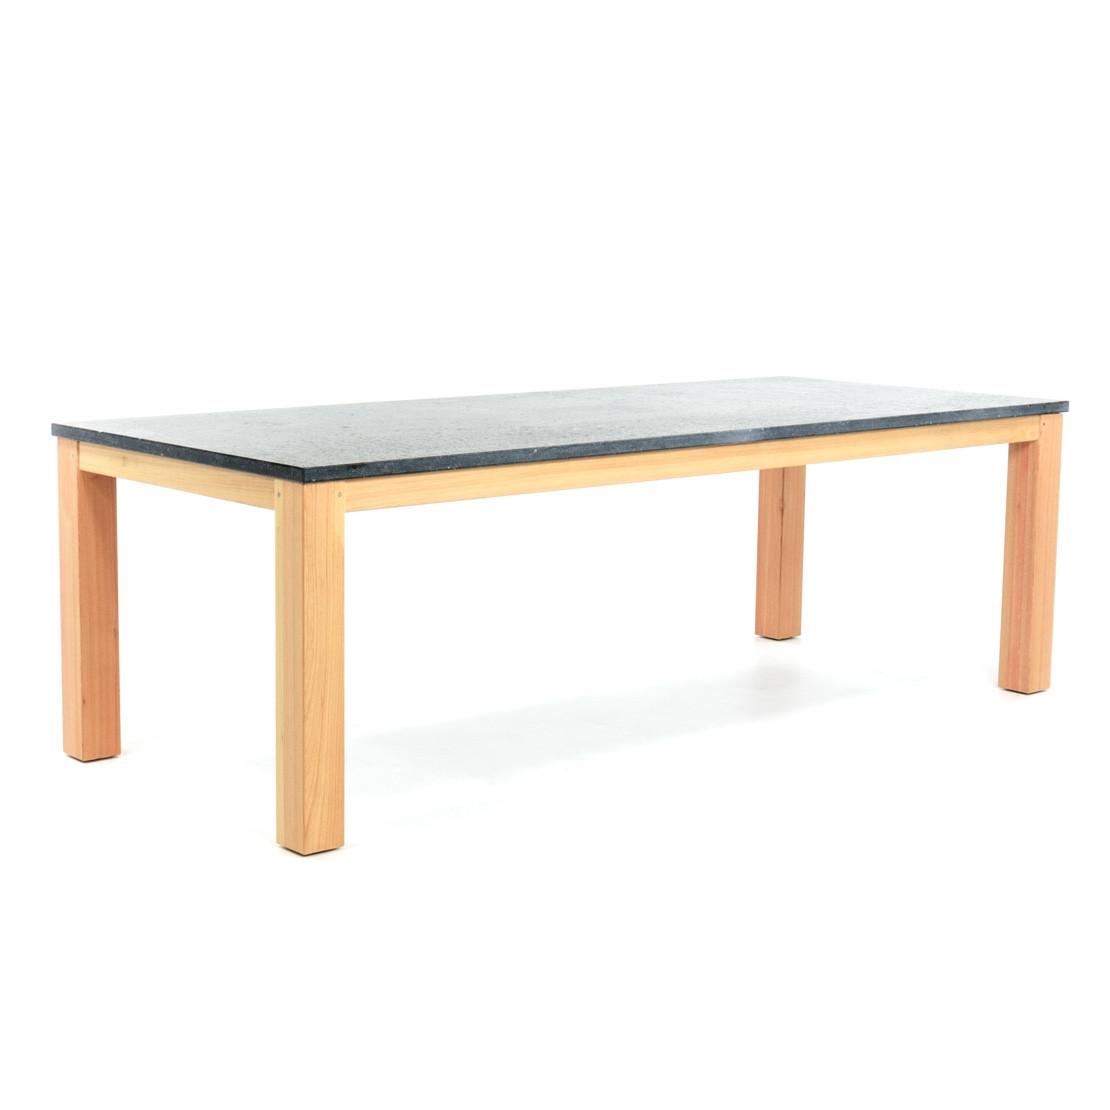 Hardstenen tafelblad met hardhouten tafelonderstel